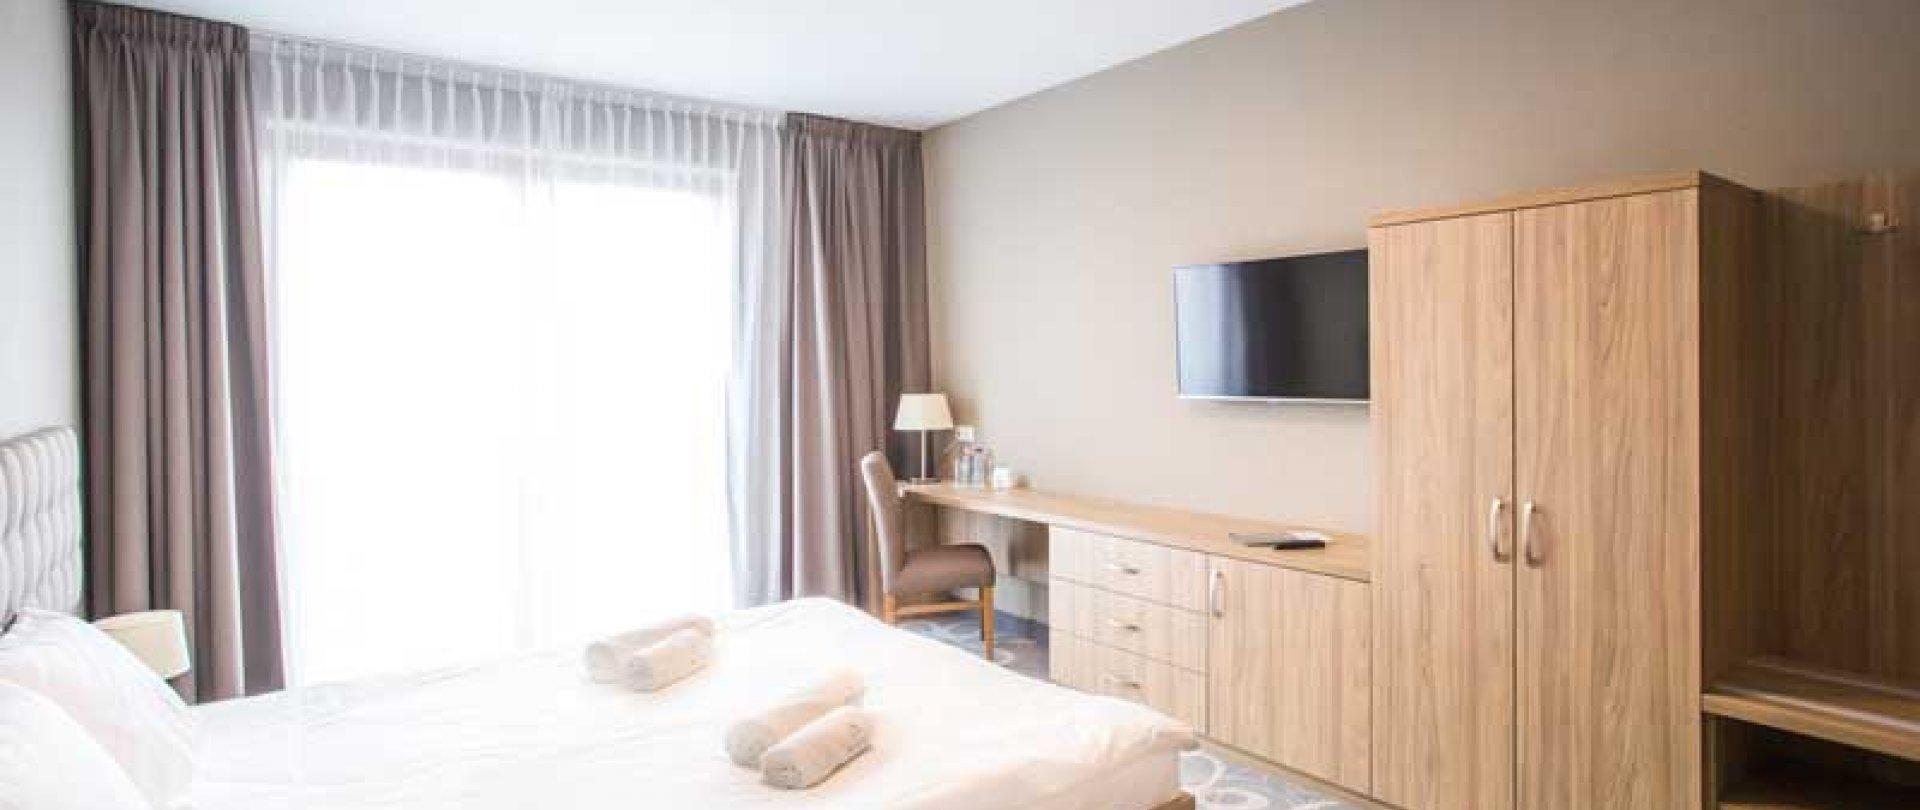 Pokój typu LUX z łożem małżeńskim + taras